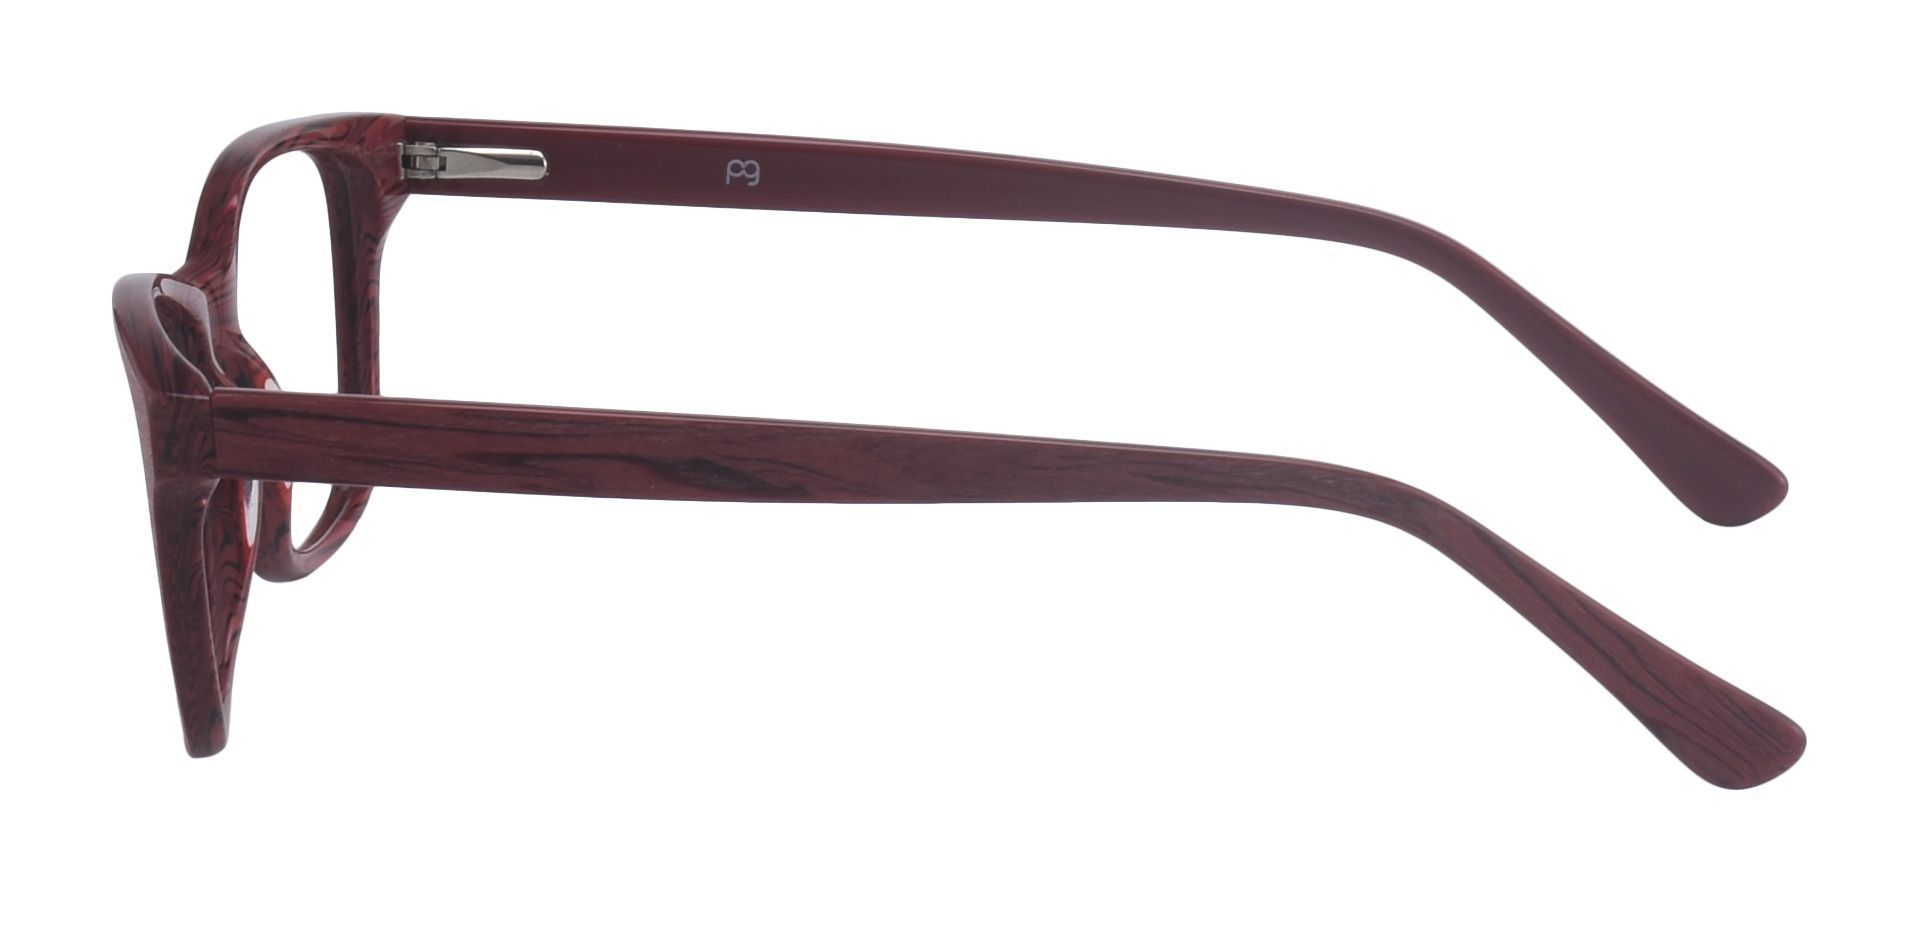 Grain Rectangle Prescription Glasses - Red